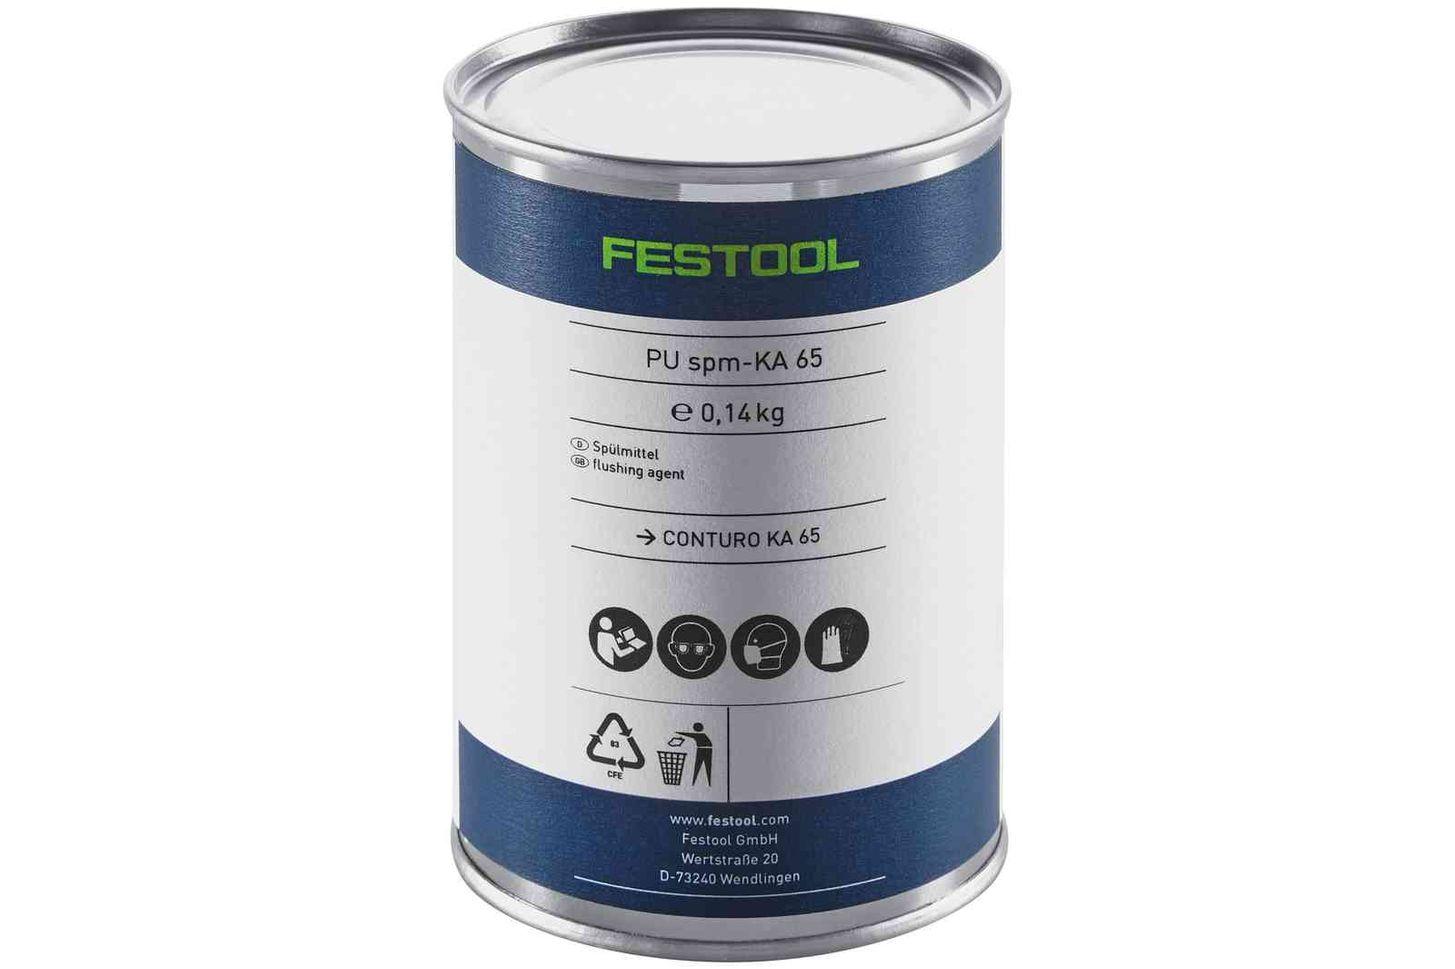 Festool Agent de spălare PU spm 4x-KA 65 imagine 2021